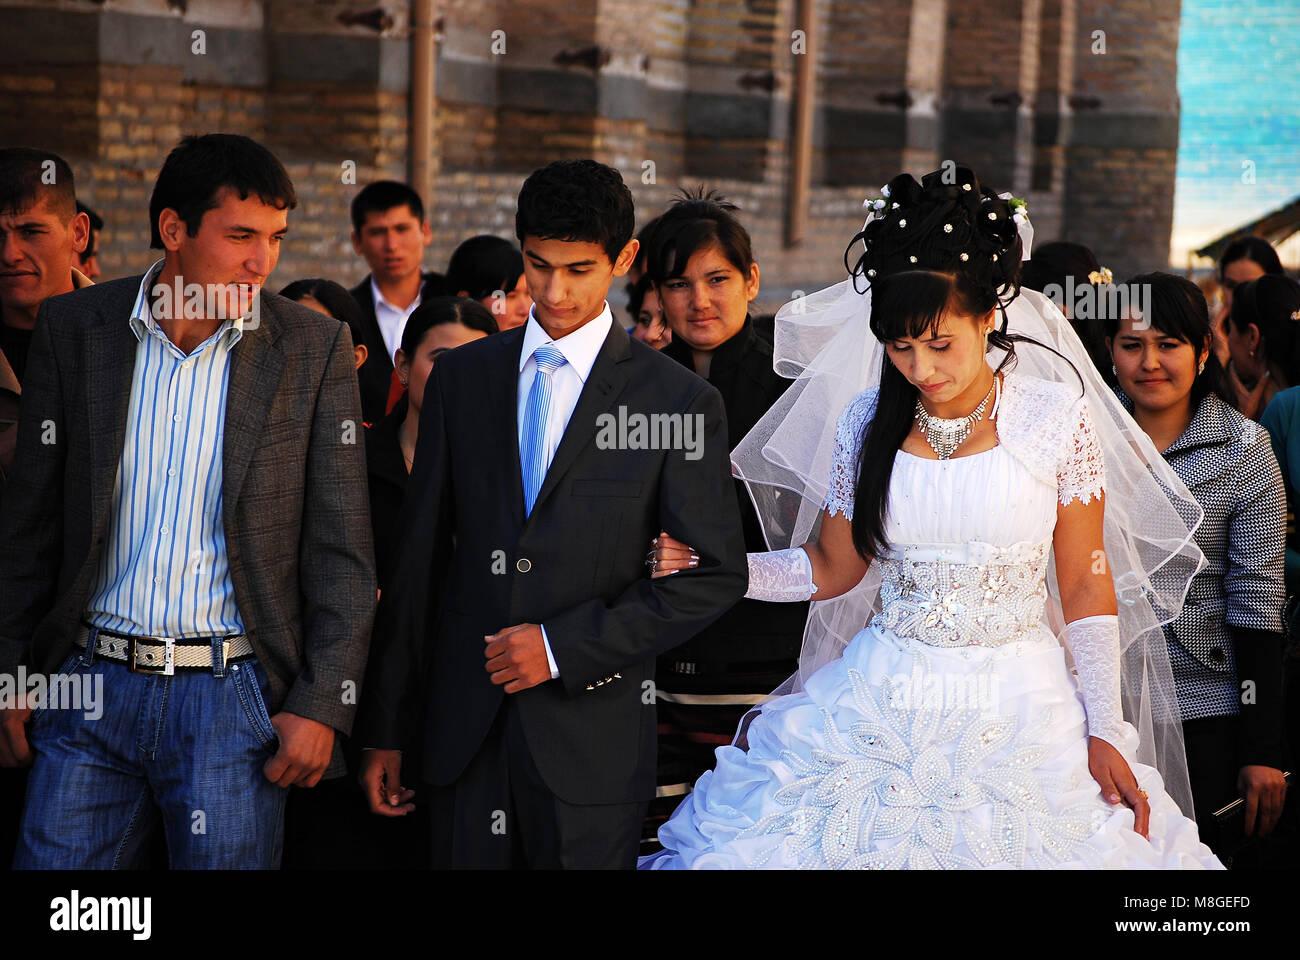 Junge Usbekische Paar In Chiwa Nach Der Hochzeit Hochzeitsfeier Halt